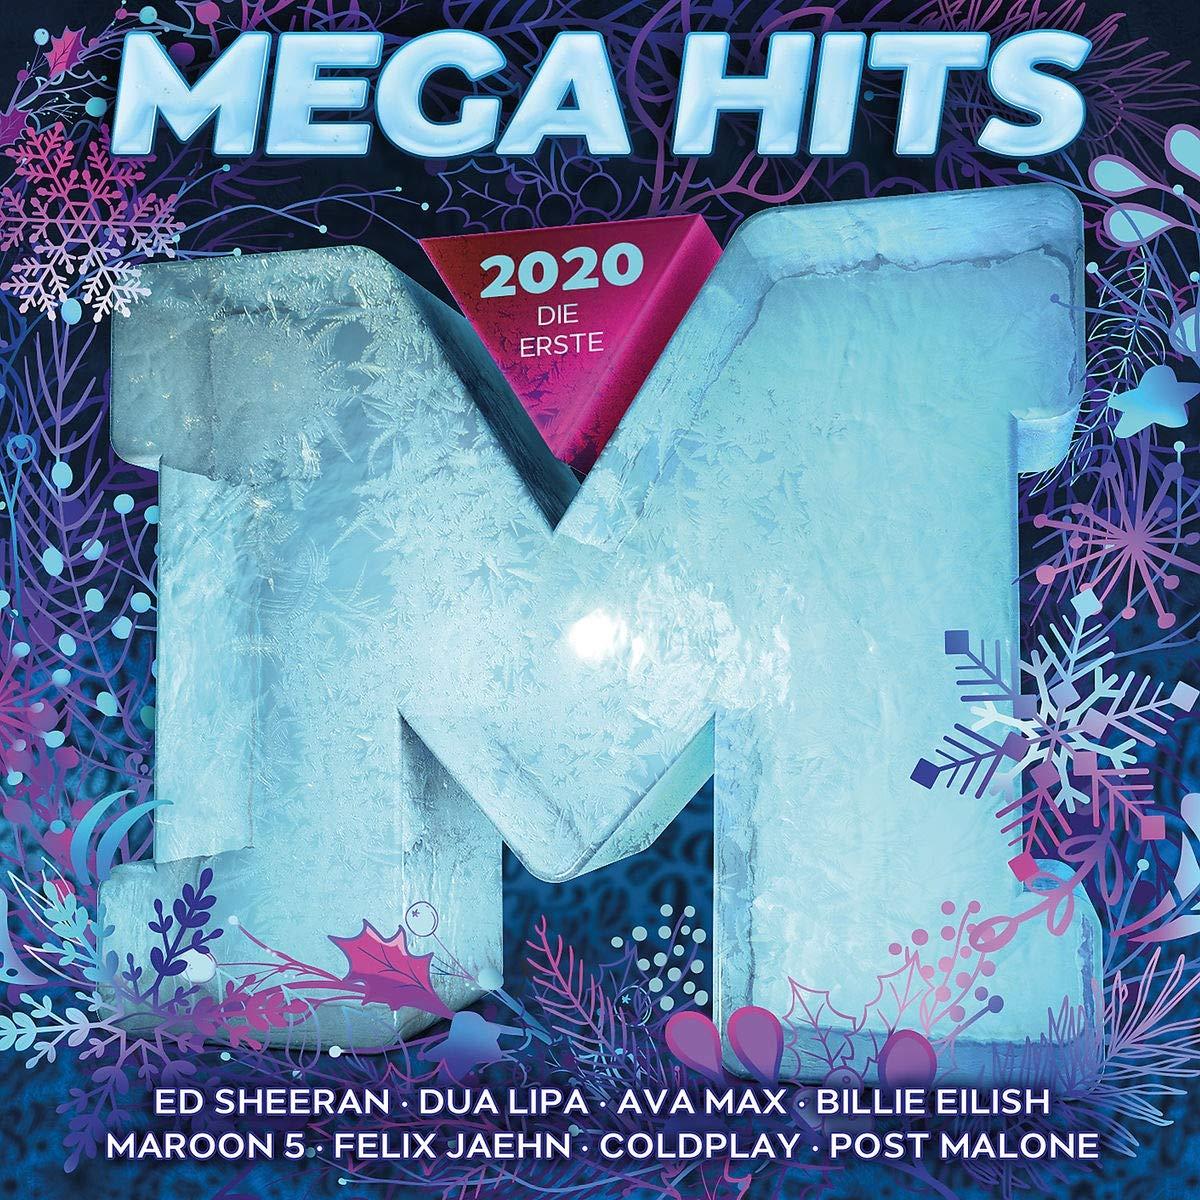 VA – Megahits 2020 Die Erste (2019) [FLAC]